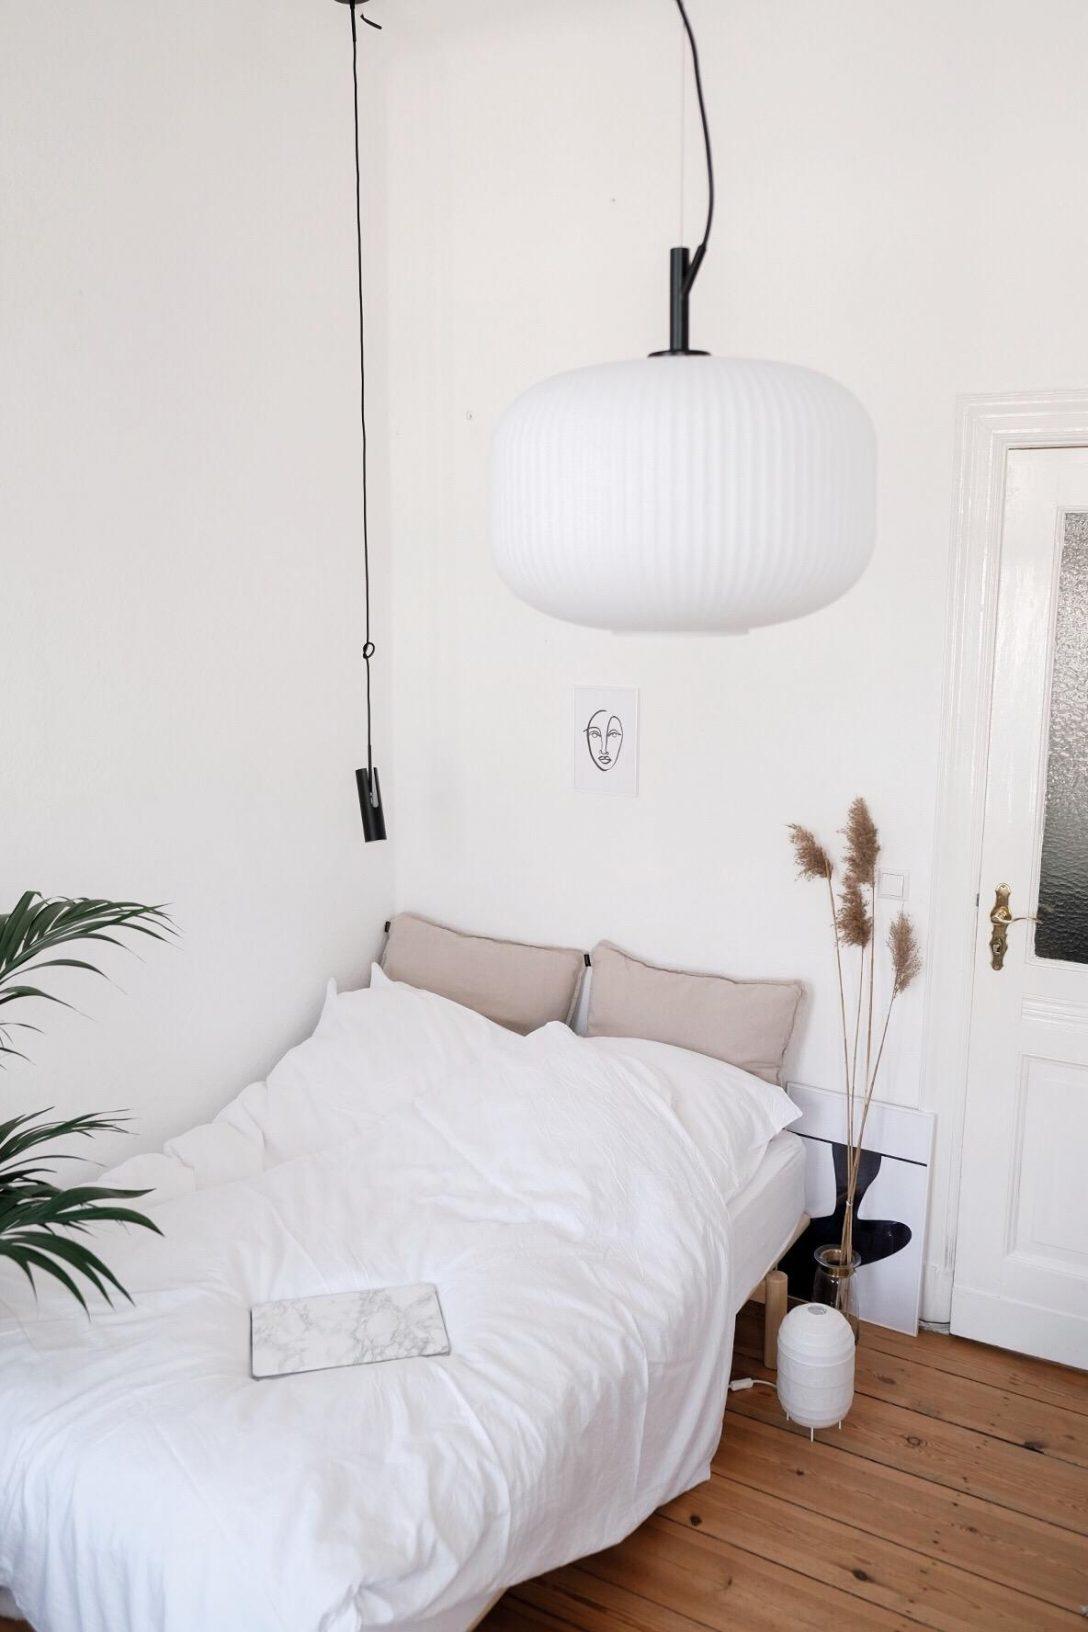 Large Size of Schlafzimmer Deckenlampen Ikea Deckenlampe Led Dimmbar Ideen Modern Deckenleuchte Ultraslim Wohnzimmer Ip44 Lampe Obi Design Amazon Deckenleuchten Tipps Und Schlafzimmer Schlafzimmer Deckenlampe